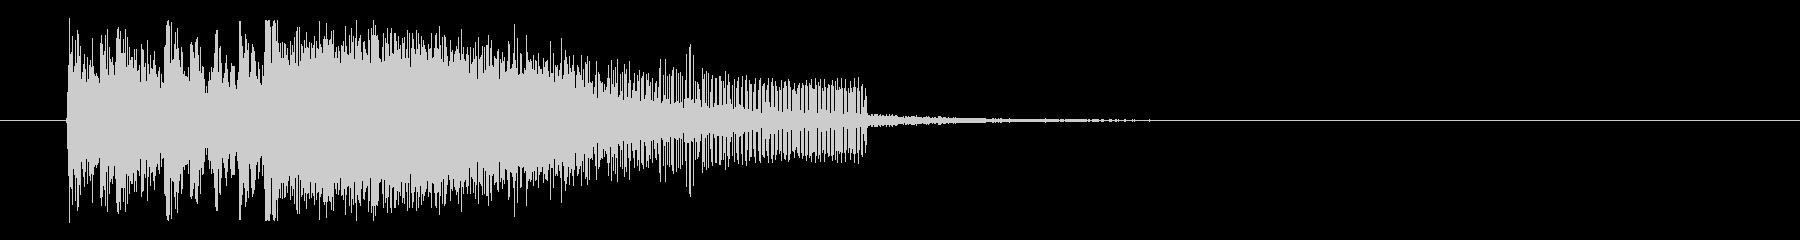 ダーンという軽快で迫力のあるロゴの未再生の波形